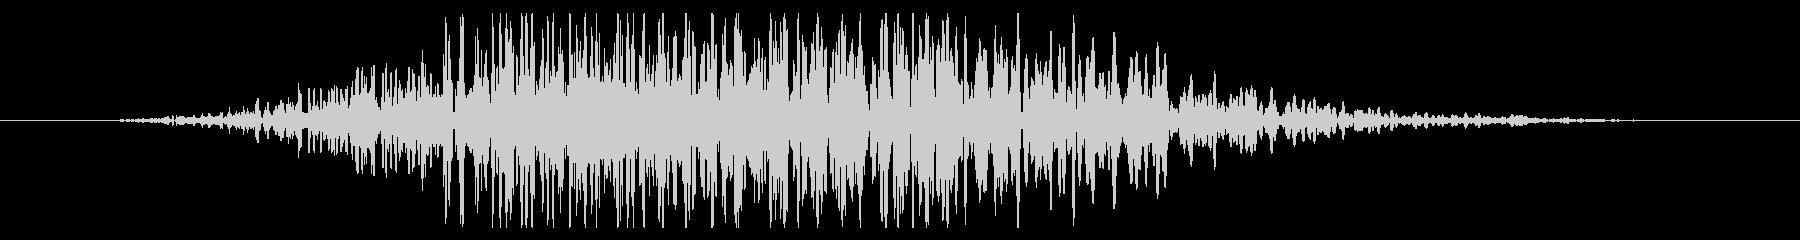 斬撃 ディープスコールヘビーショート02の未再生の波形